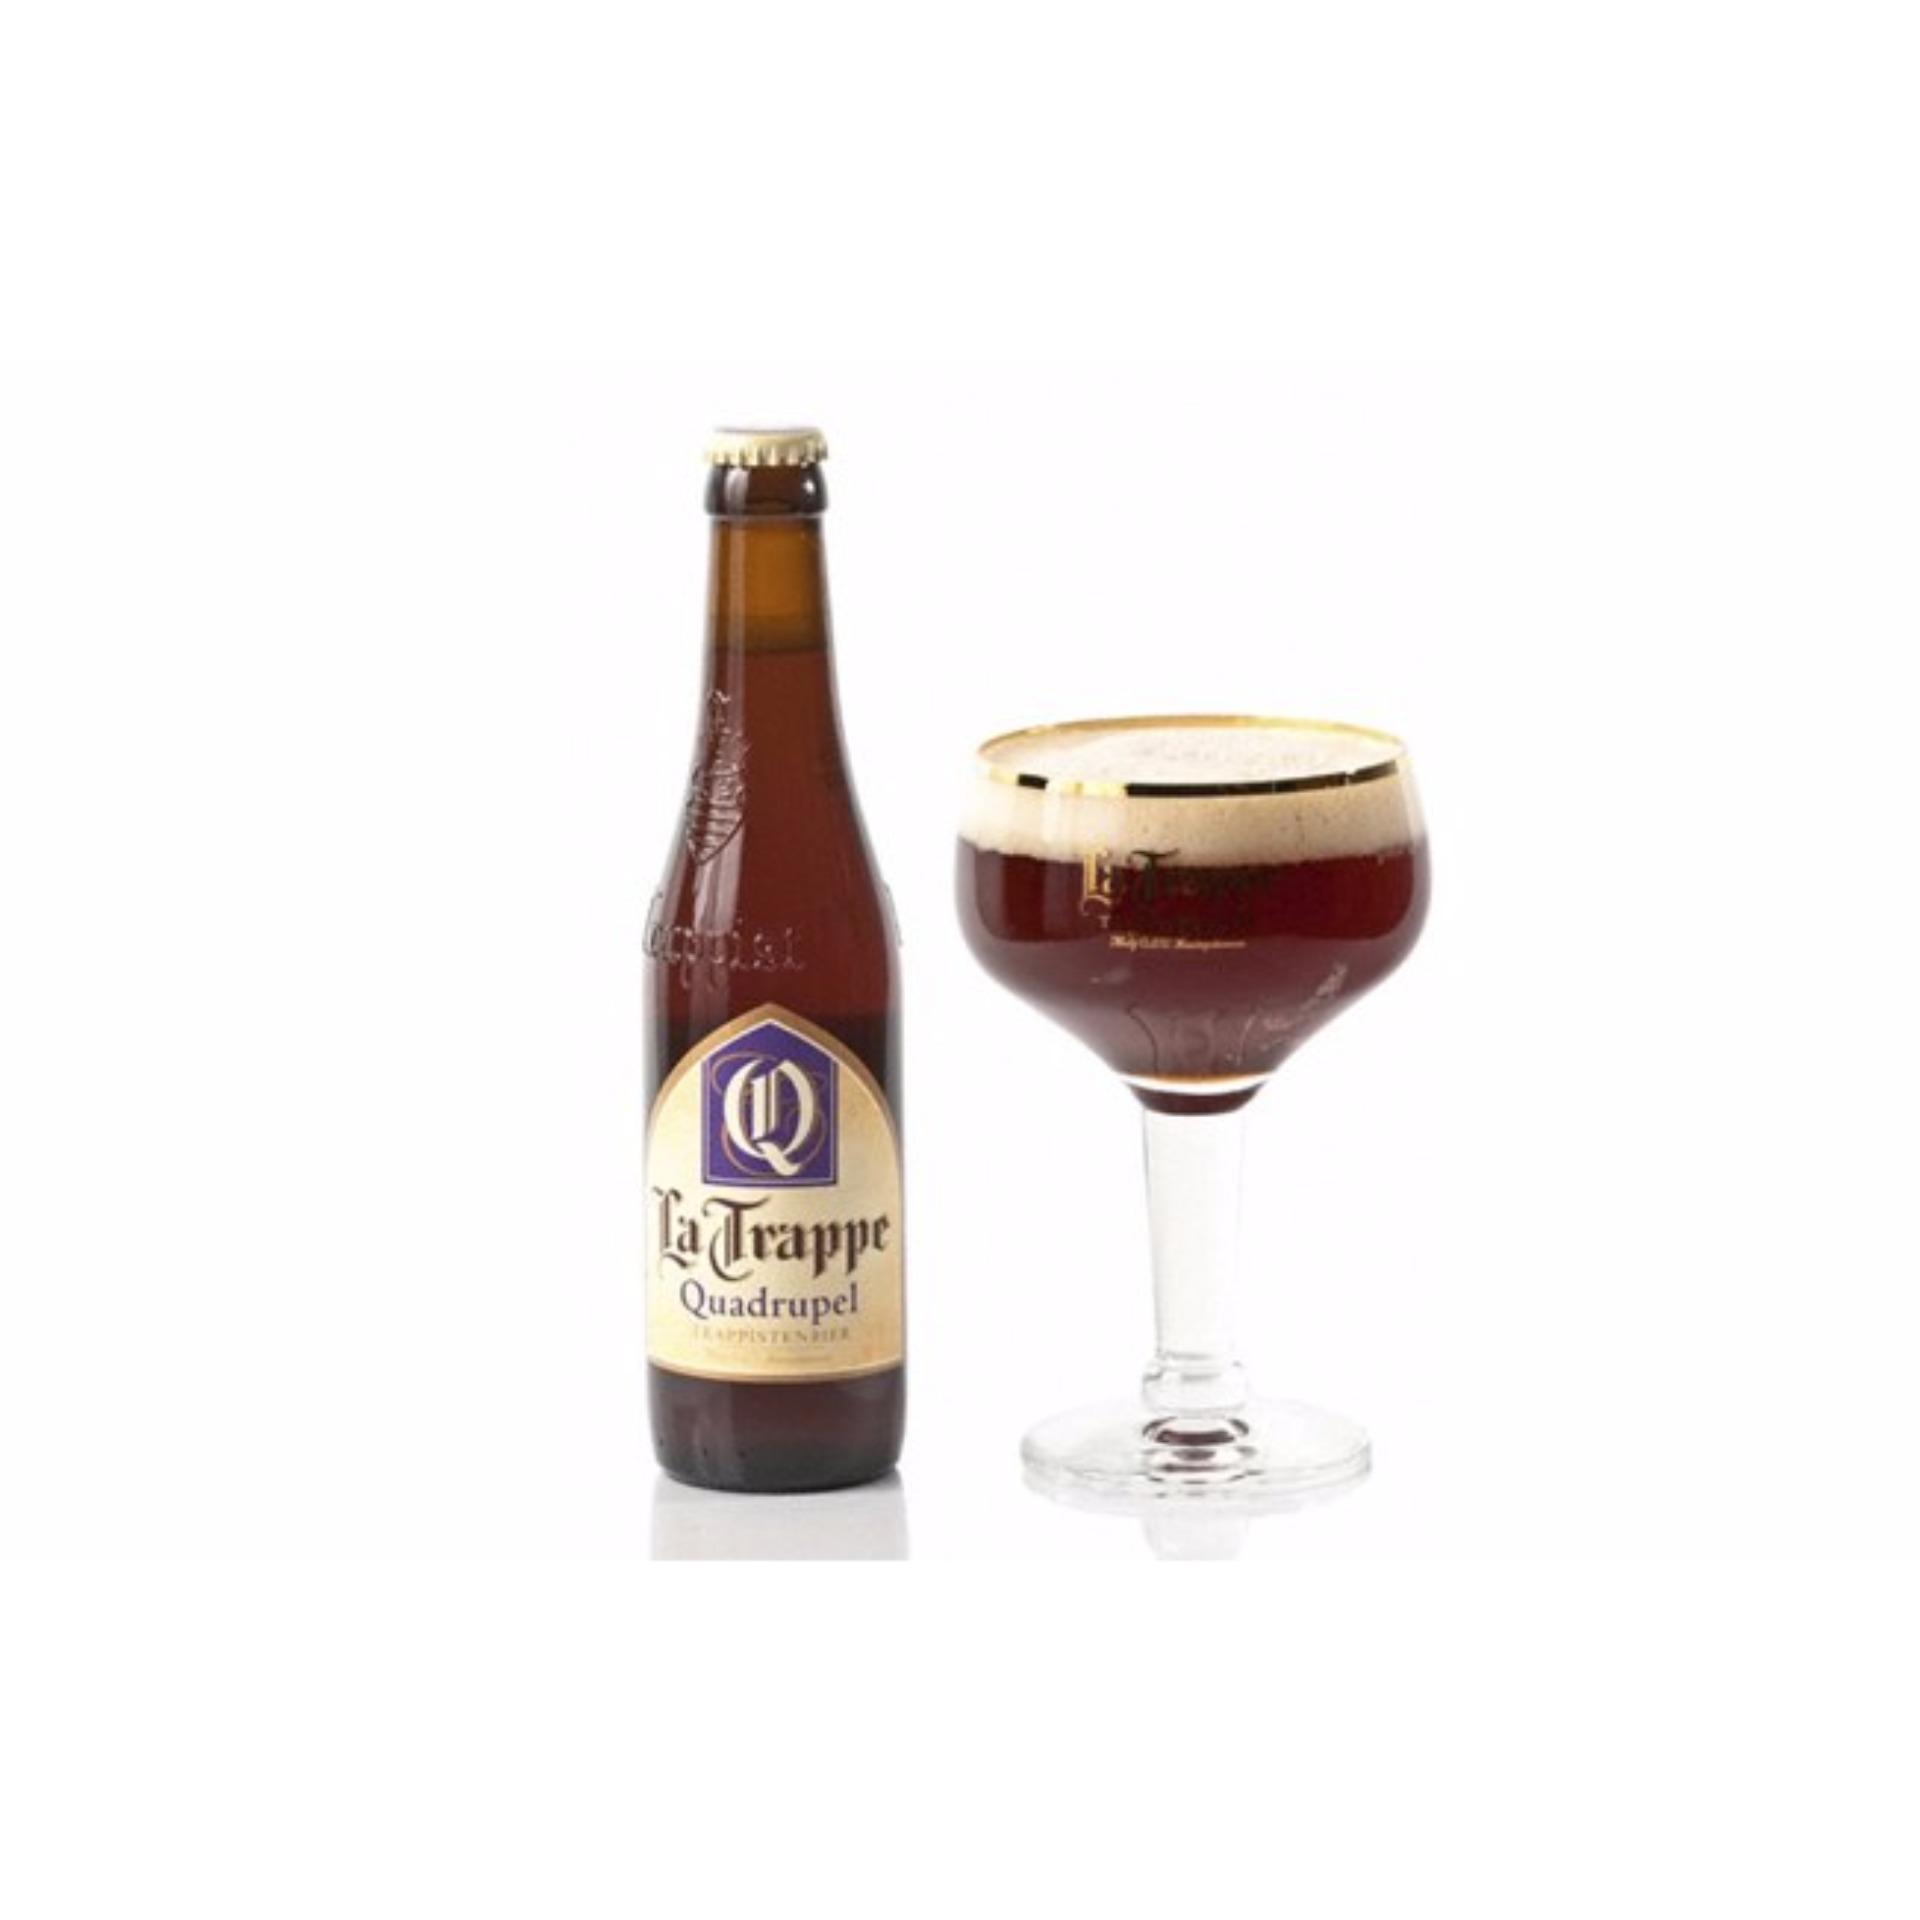 Mẫu sản phẩm 6 Chai La Trappe Quadrupel Beer – Holland Beer – Netherlands Beer – Bia La Hà Lan Trappe Quadrupel